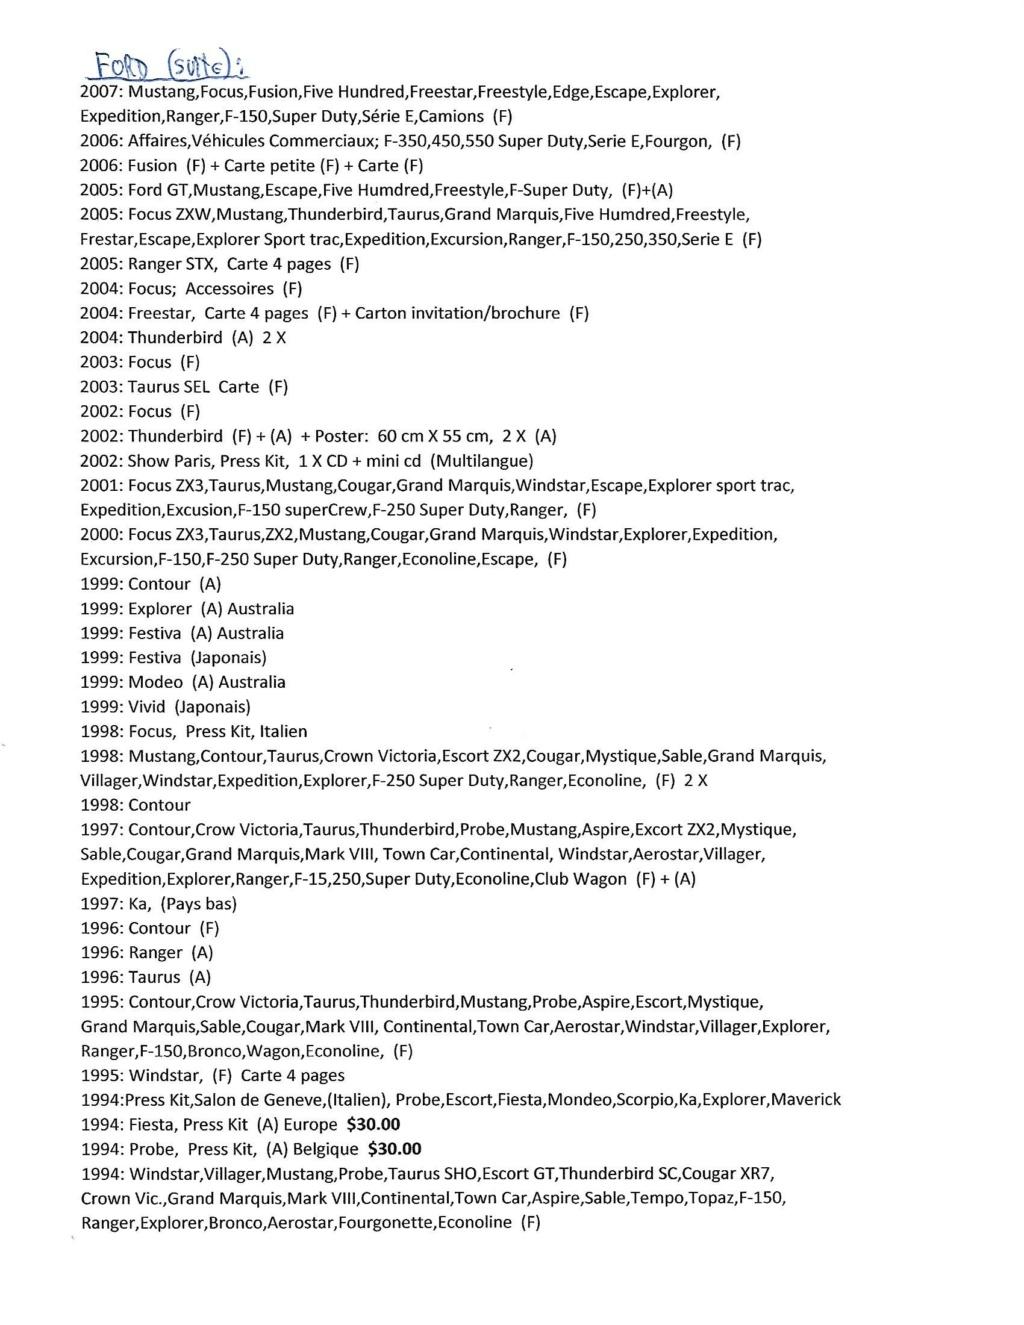 A vendre;Brochures de vente, Shop Manuel / Wiring Diagrams; de concessionnaires 1962 à 2020 Scan-612